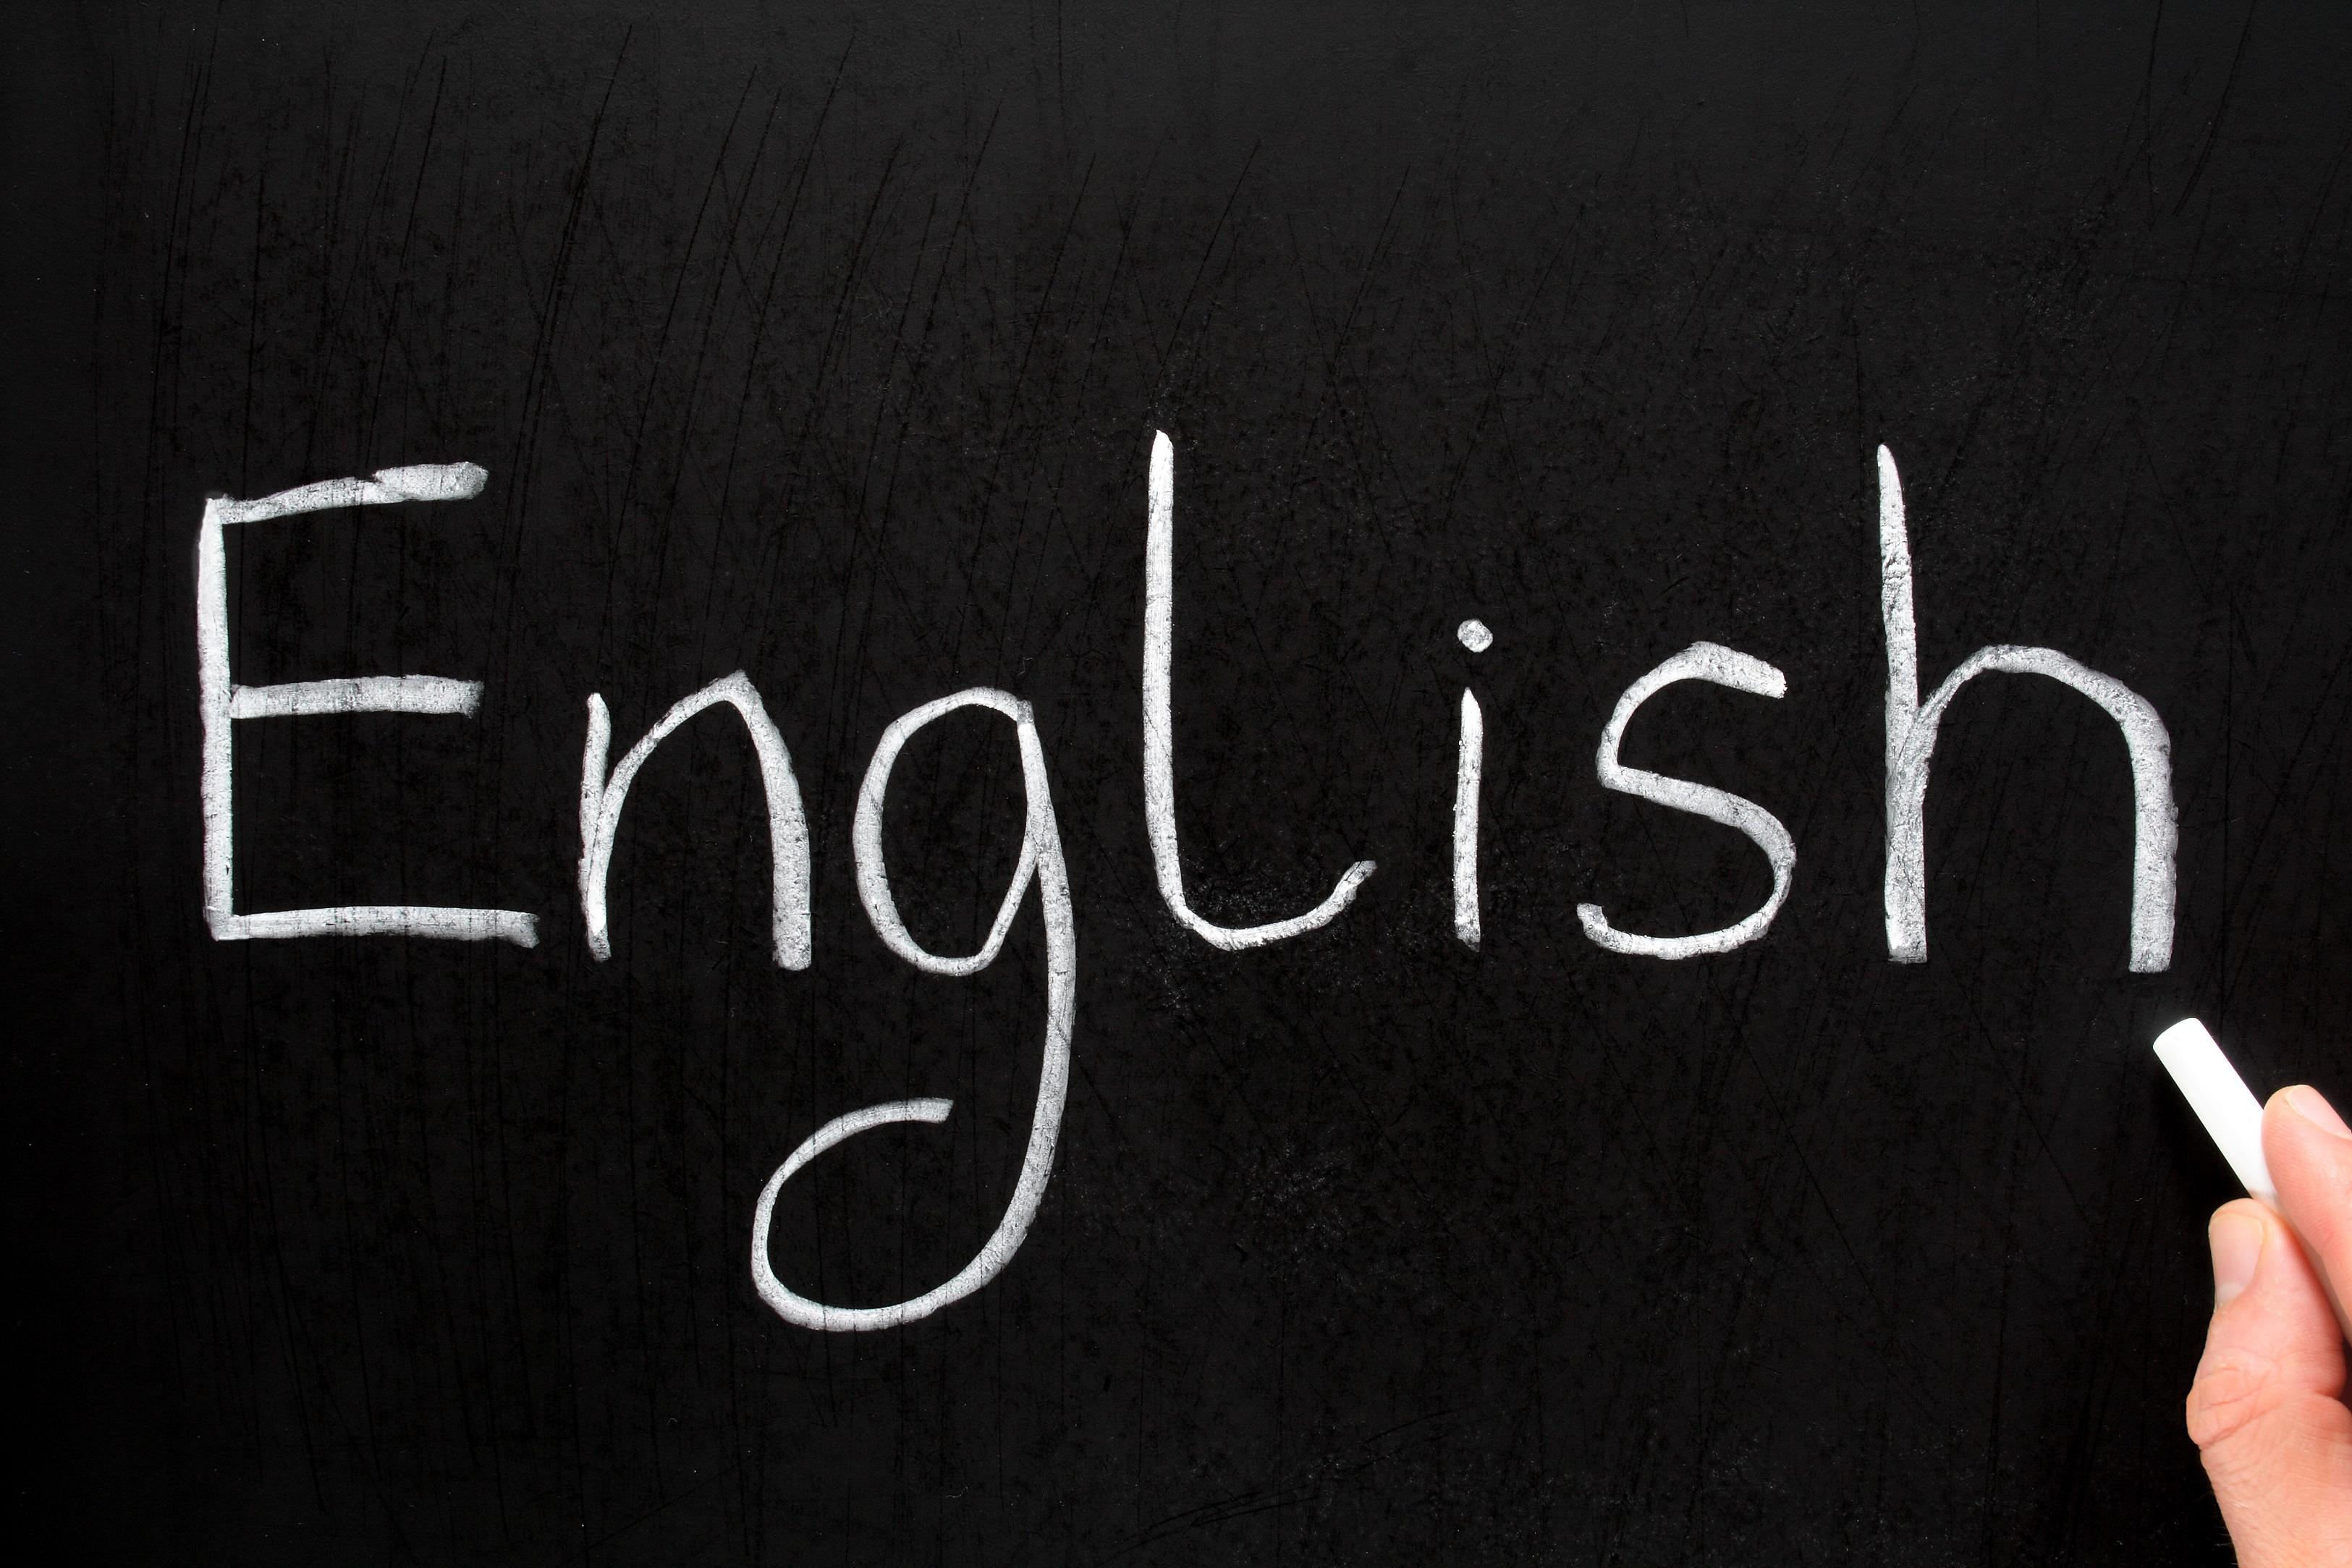 troc de troc cours d'anglais avec tutrice américaine image 1